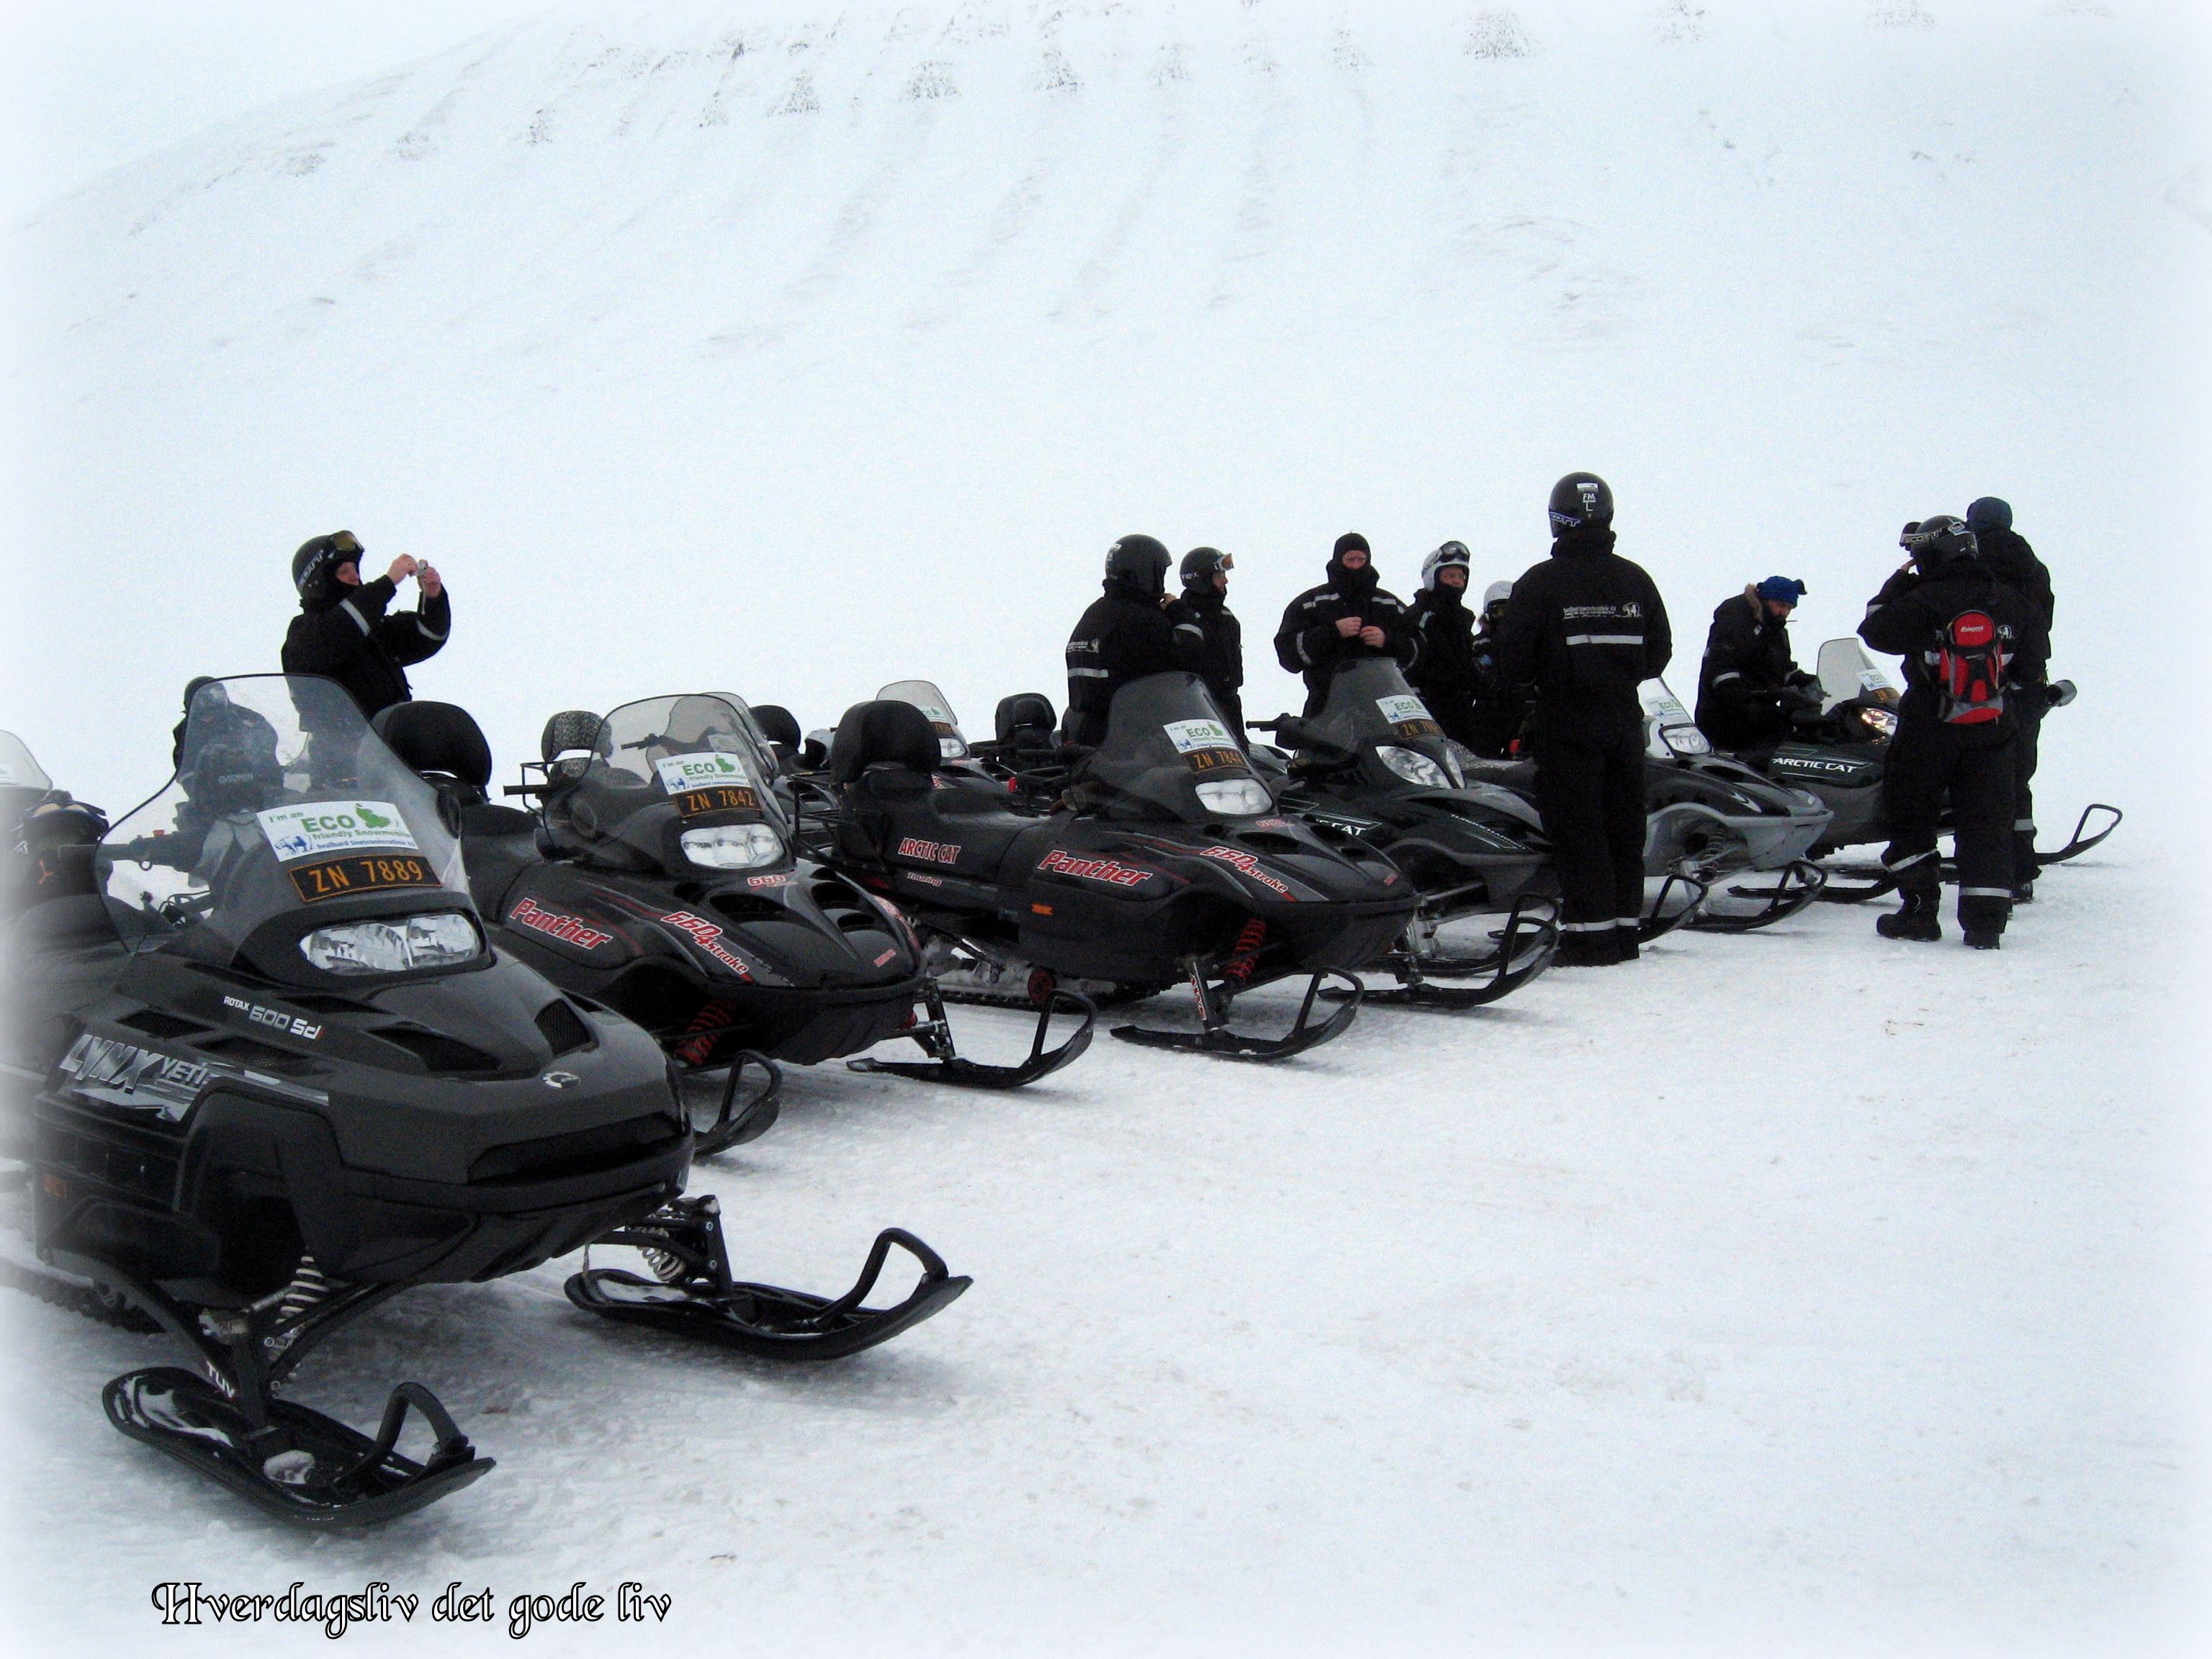 Scootertur på Svalbard - Visit Norway - visit Svalbard